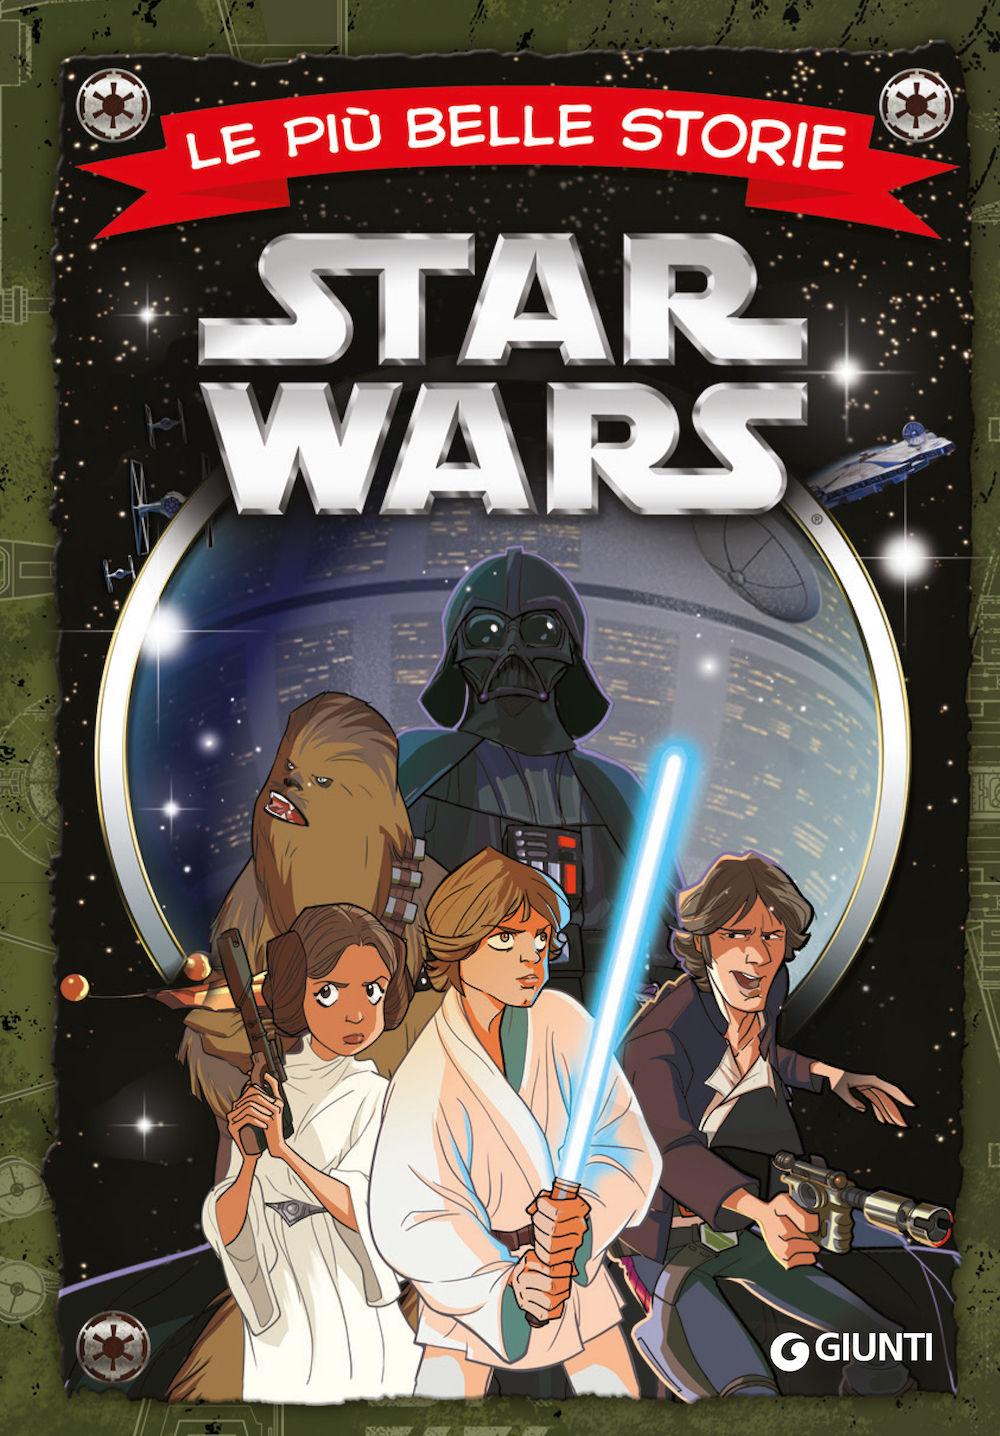 Le più belle storie - Star Wars